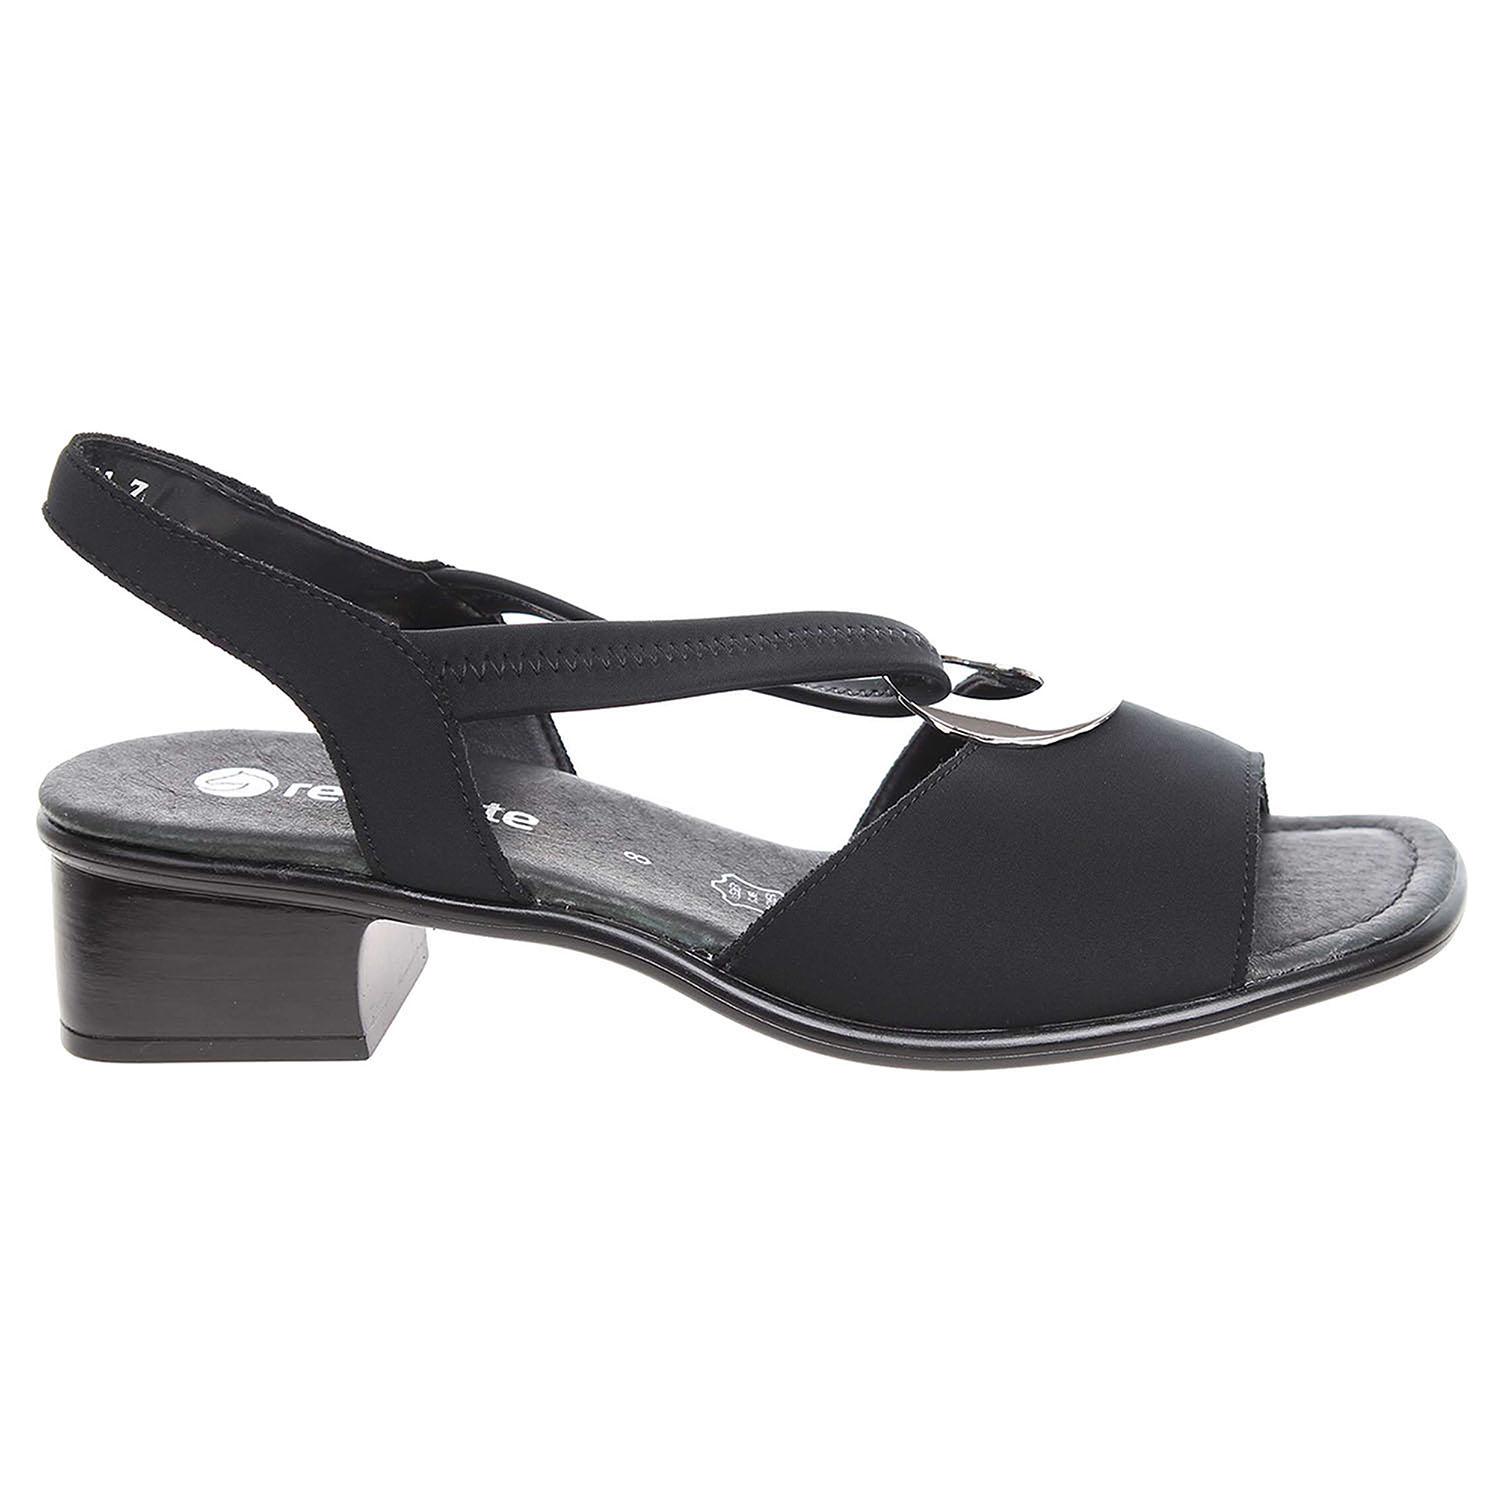 Ecco Remonte dámské sandály R5953-01 černé 22800048